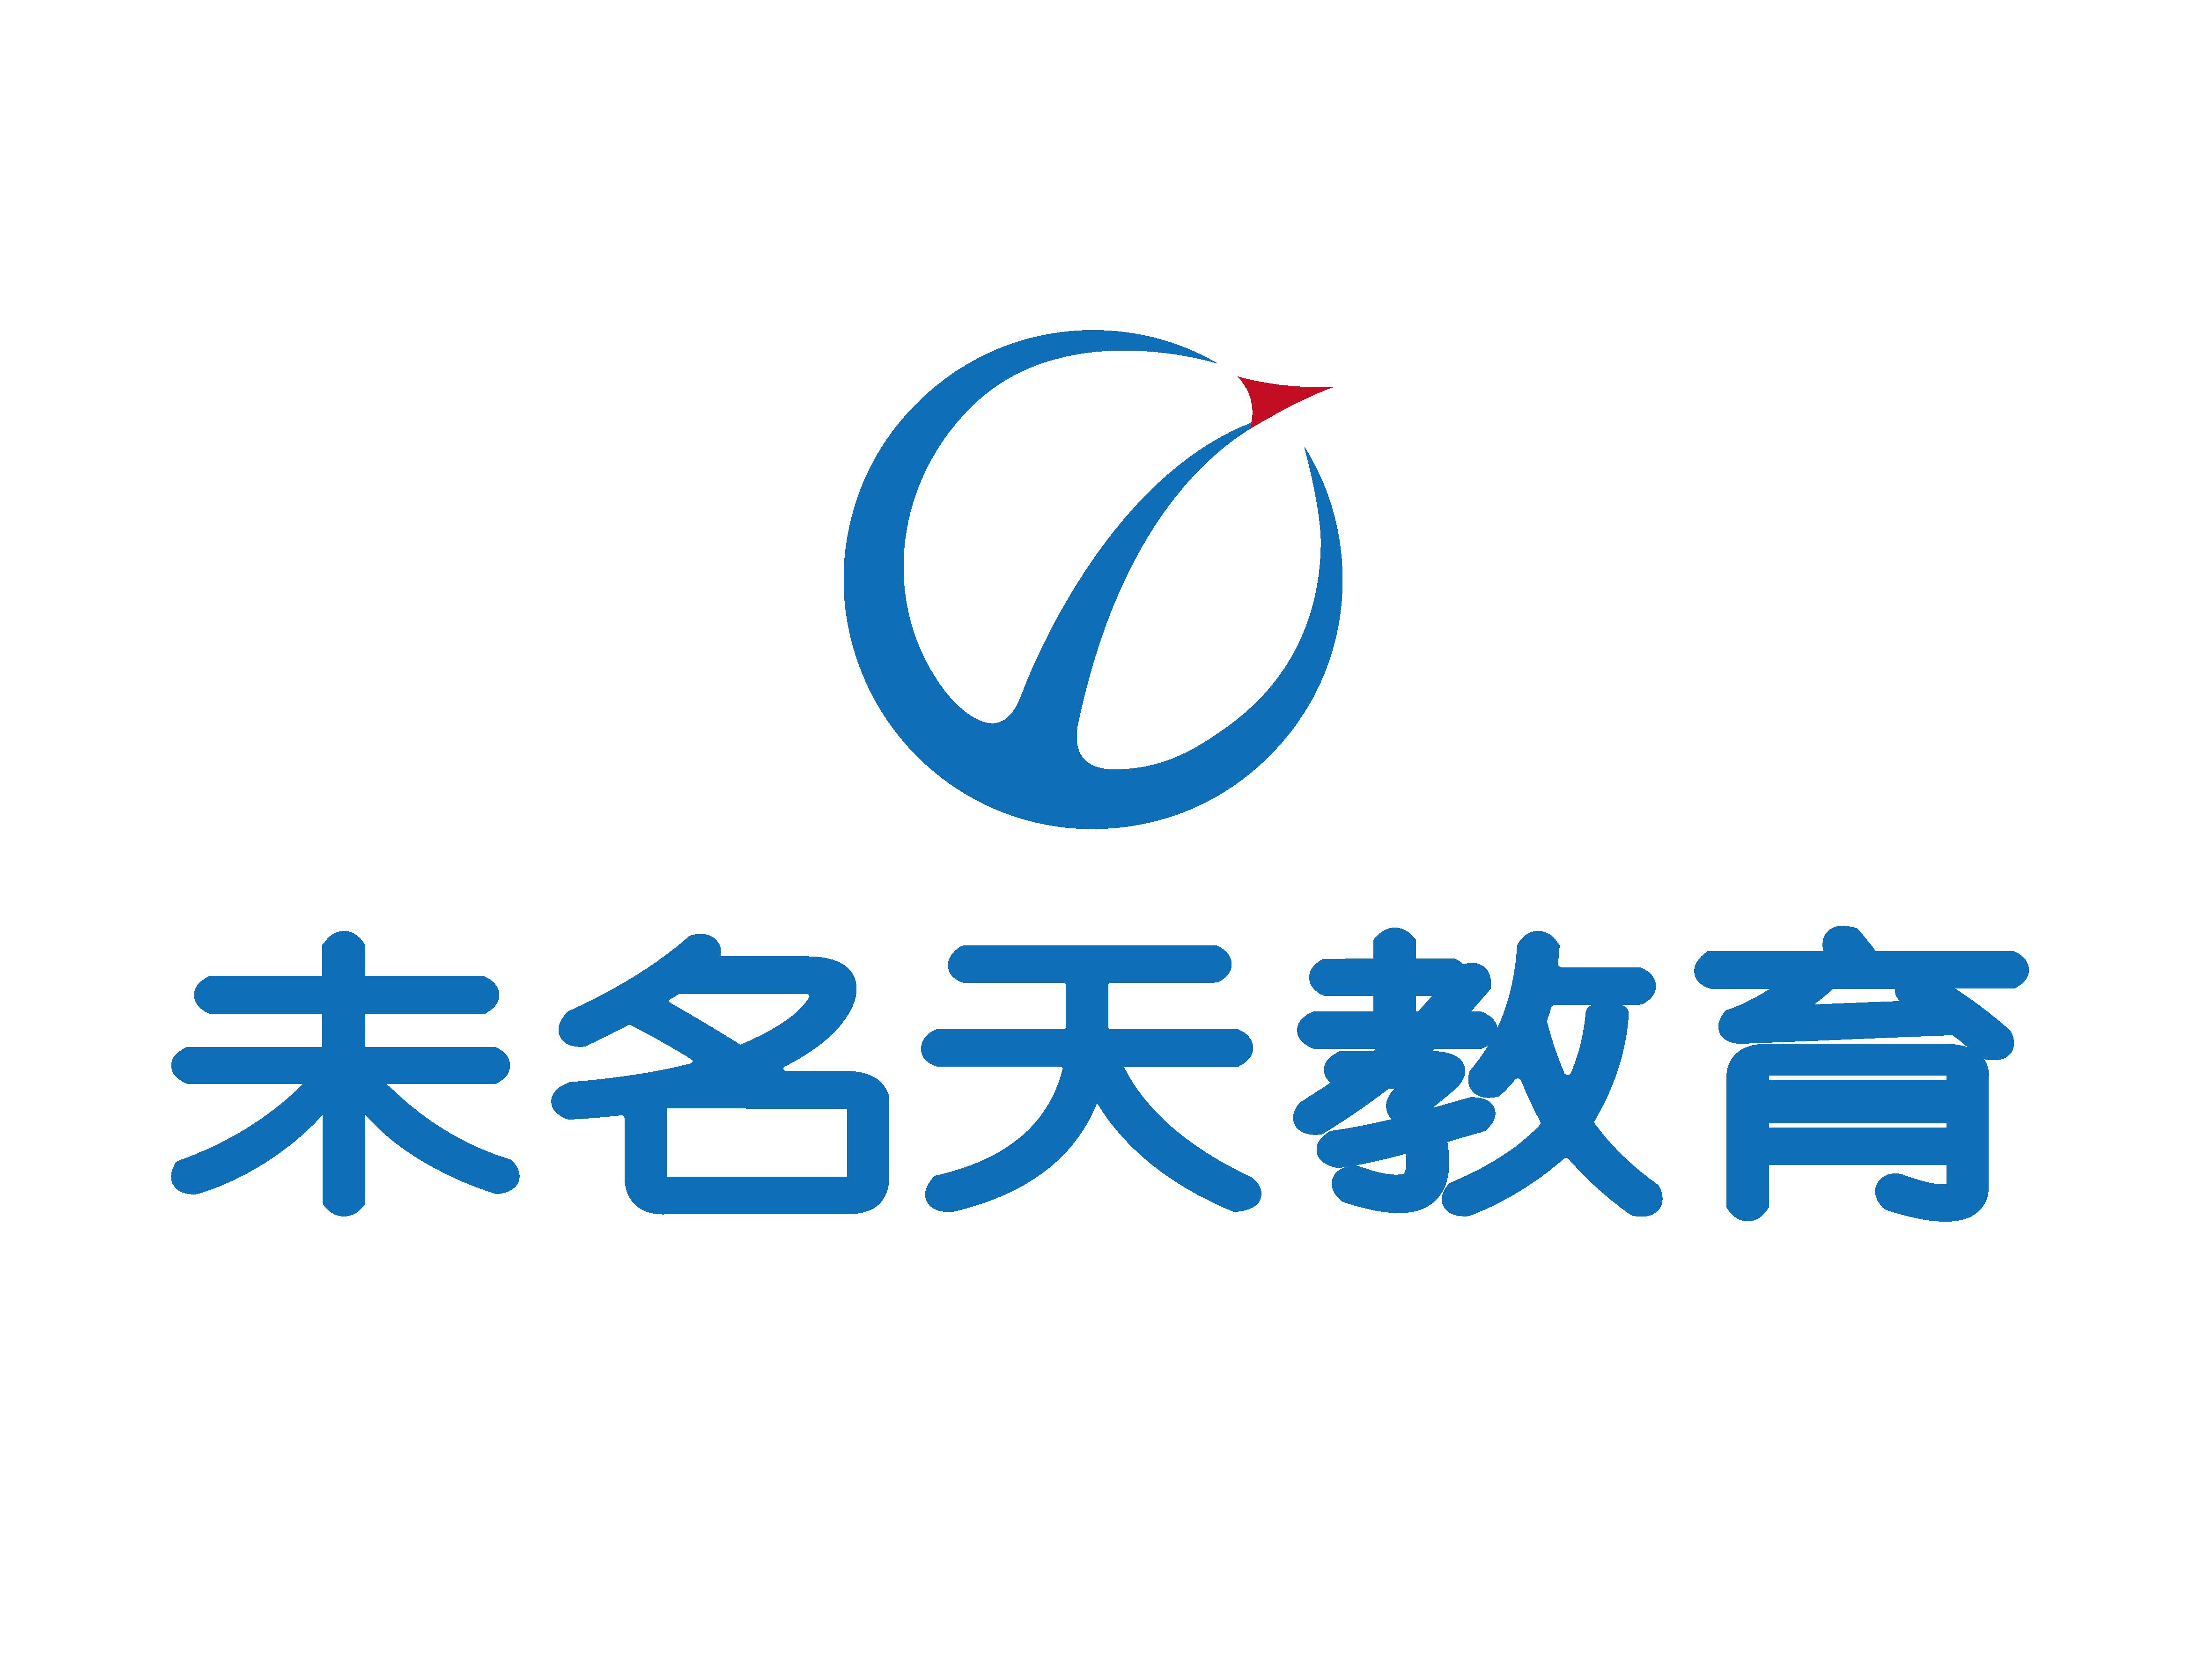 未名天前程教育咨询(北京)有限公司日语教师日企招聘信息